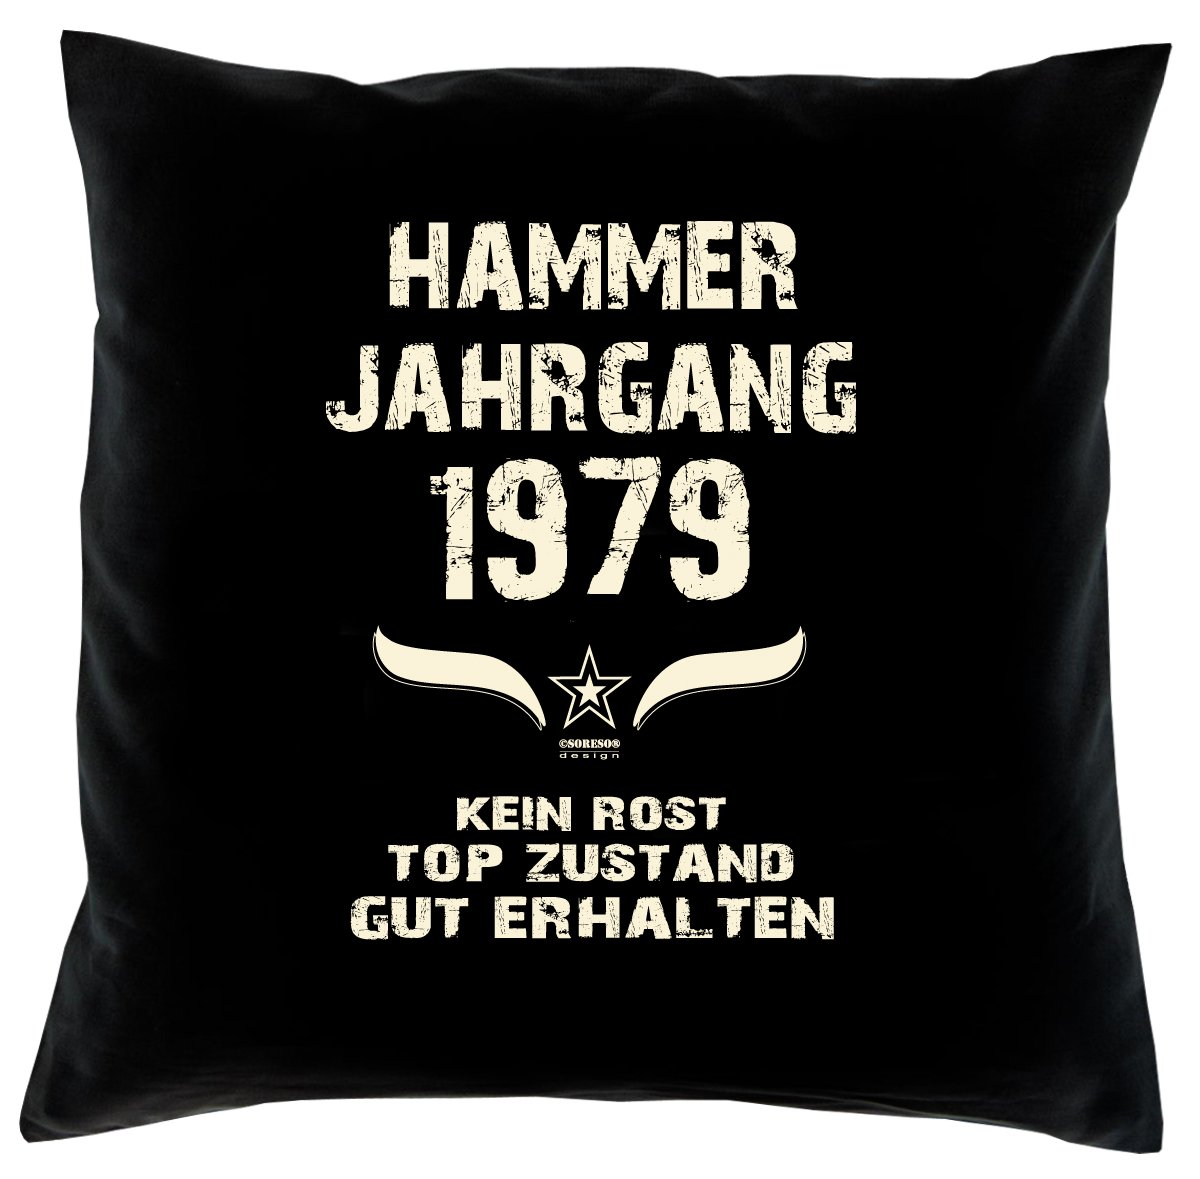 Cooles – Fun – Kissen – Sitzkissen – Zum 37. Geburtstag – Hammer Jahrgang 1979 Farbe: Schwarz – Größe: 40 x 40 cm jetzt bestellen